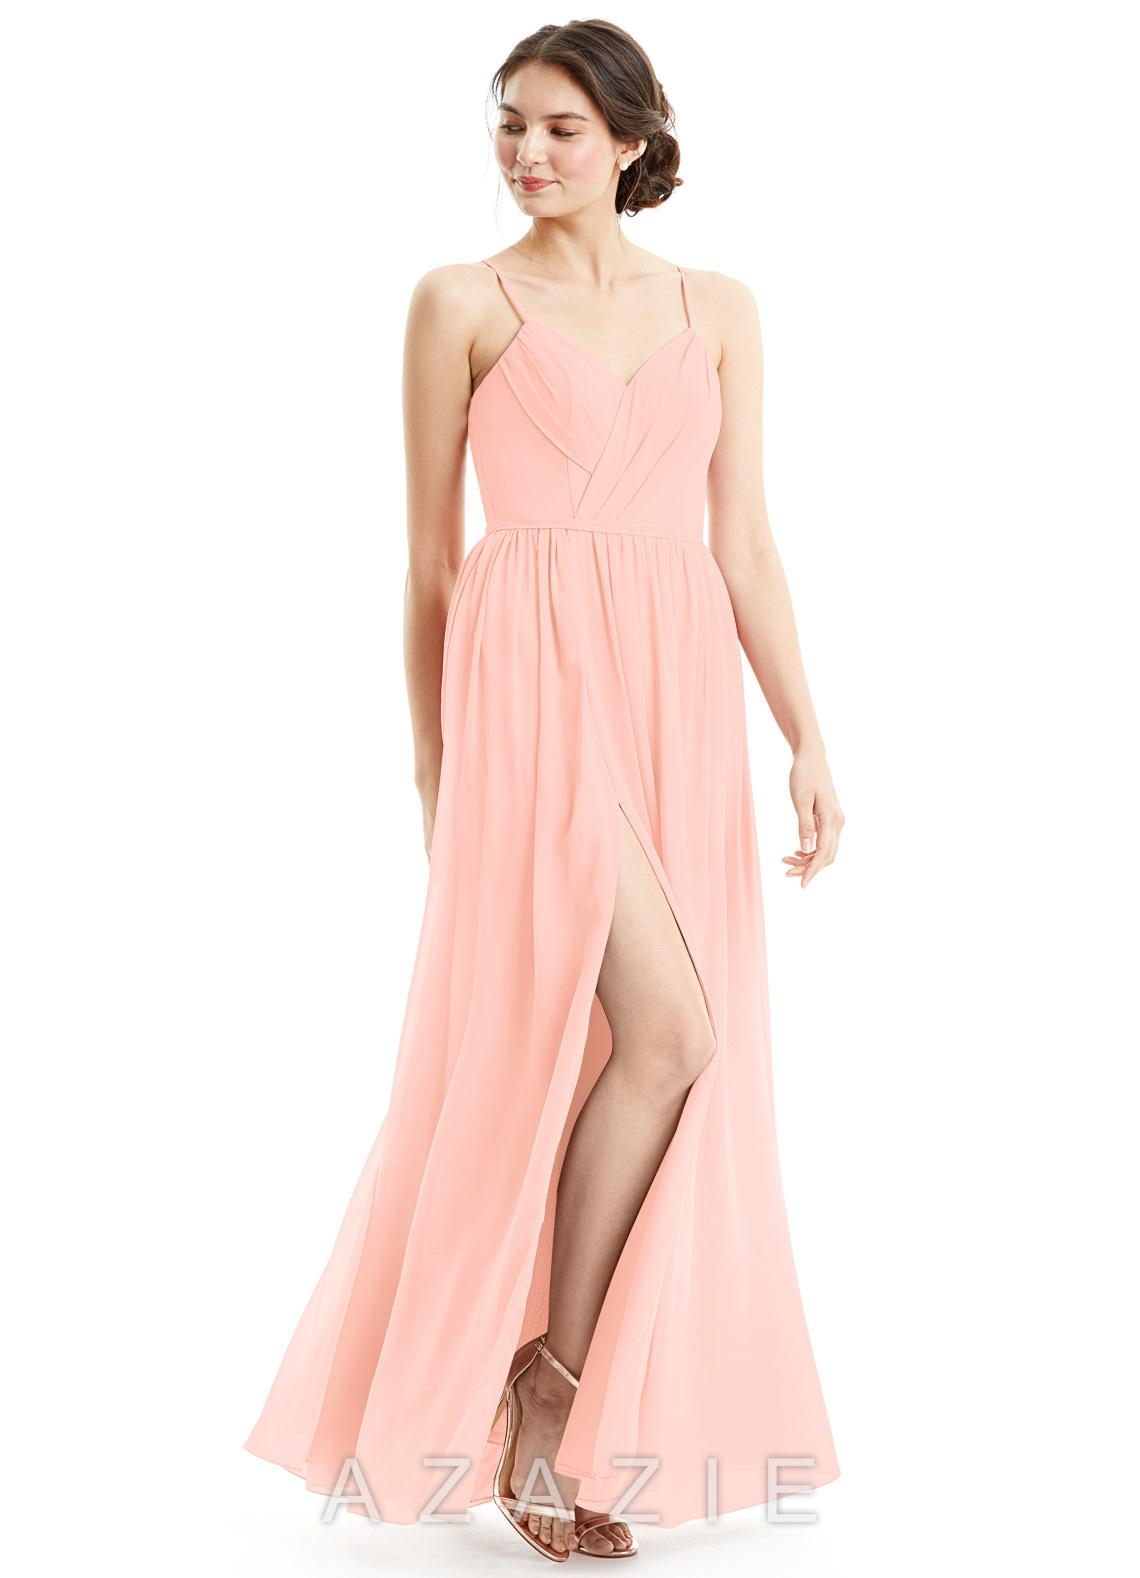 d041b80f3d6 Azazie Cora Bridesmaid Dresses